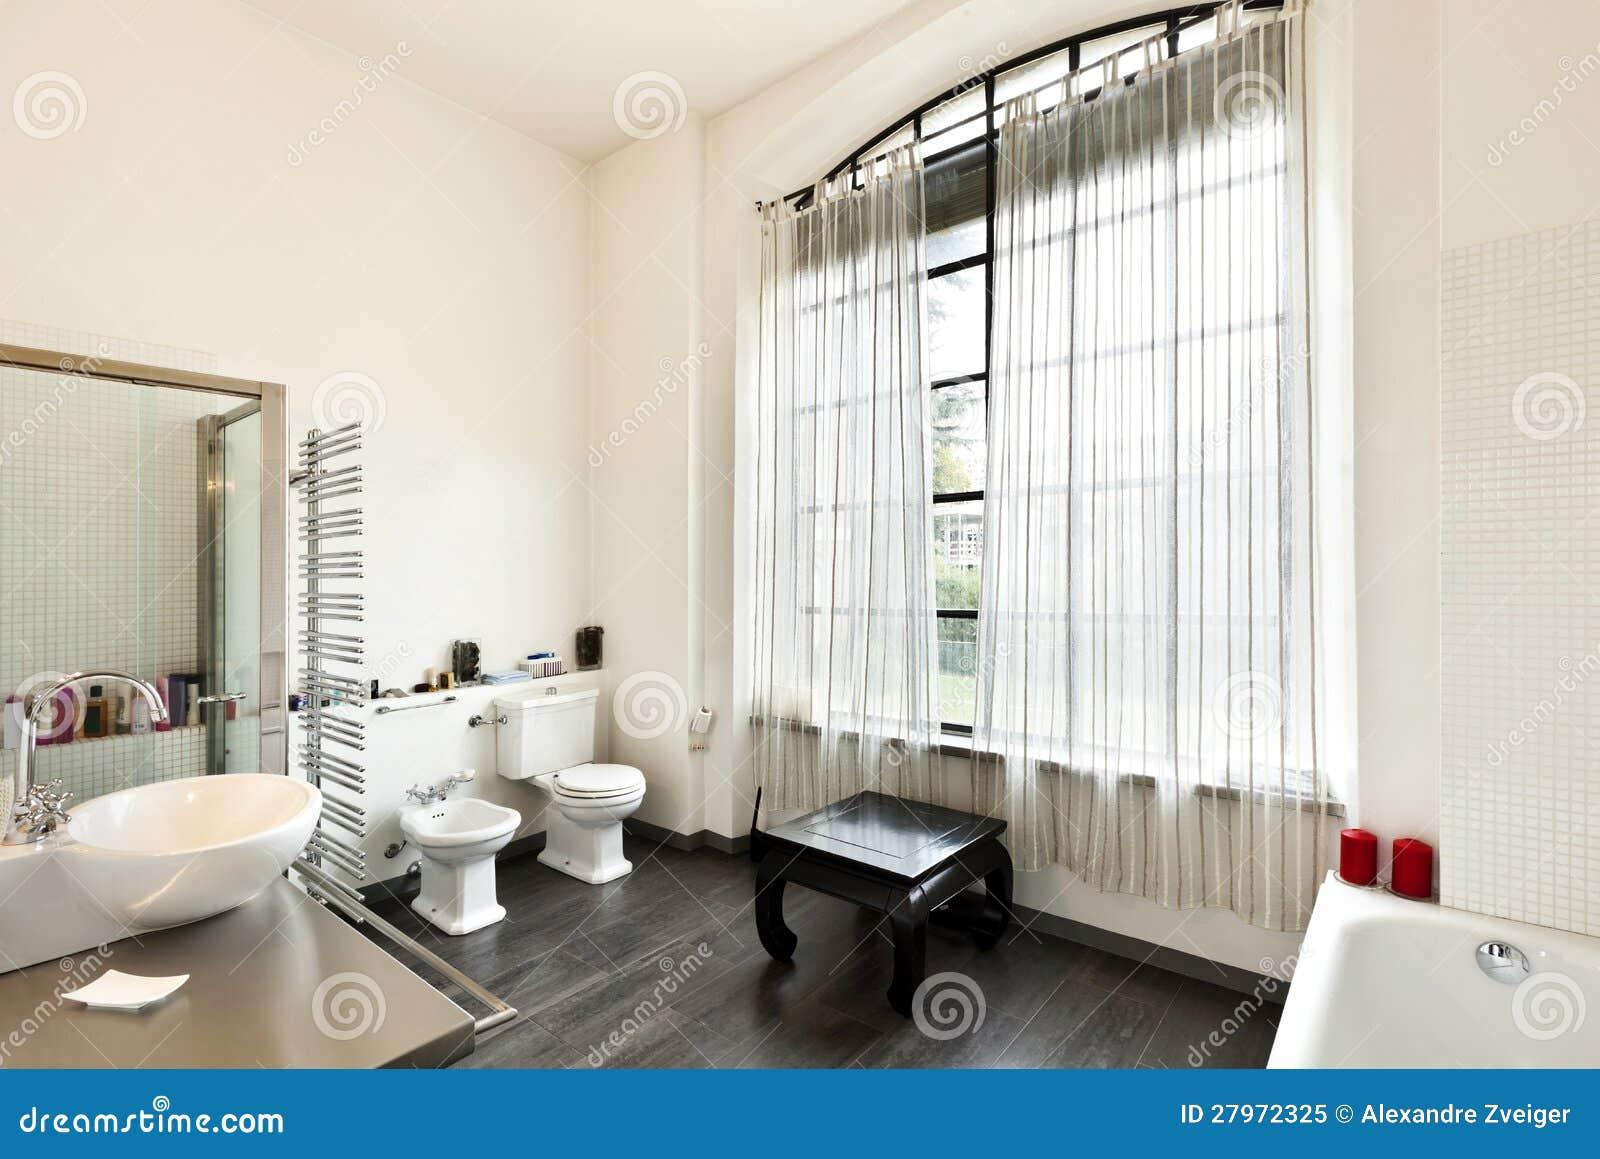 Innenraum ansicht des badezimmers lizenzfreies stockfoto for Innenraum designer programm